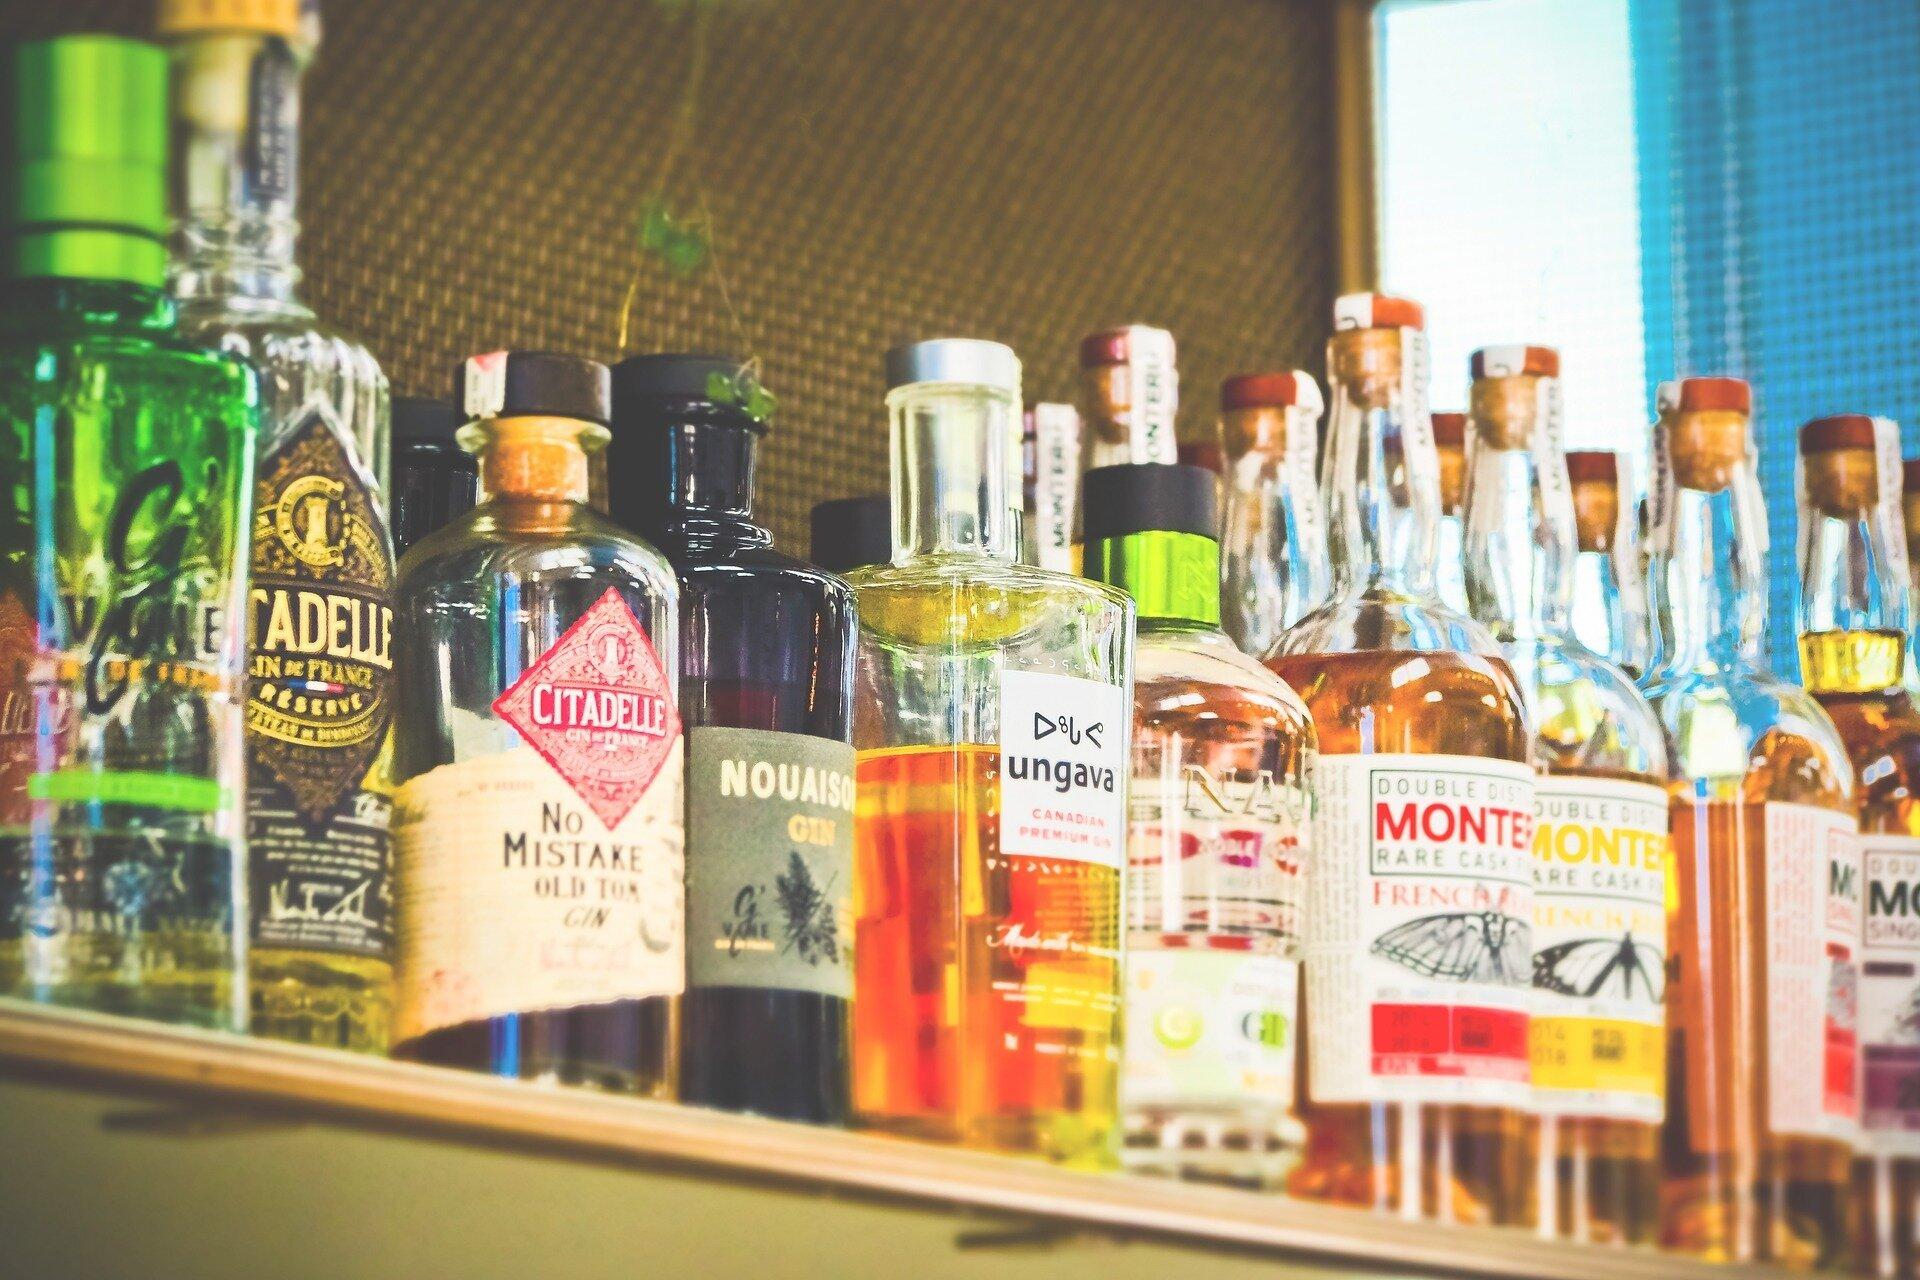 Das Bewusstsein der Frauen der Alkohol die Rolle in Brustkrebs-Risiko ist schlecht